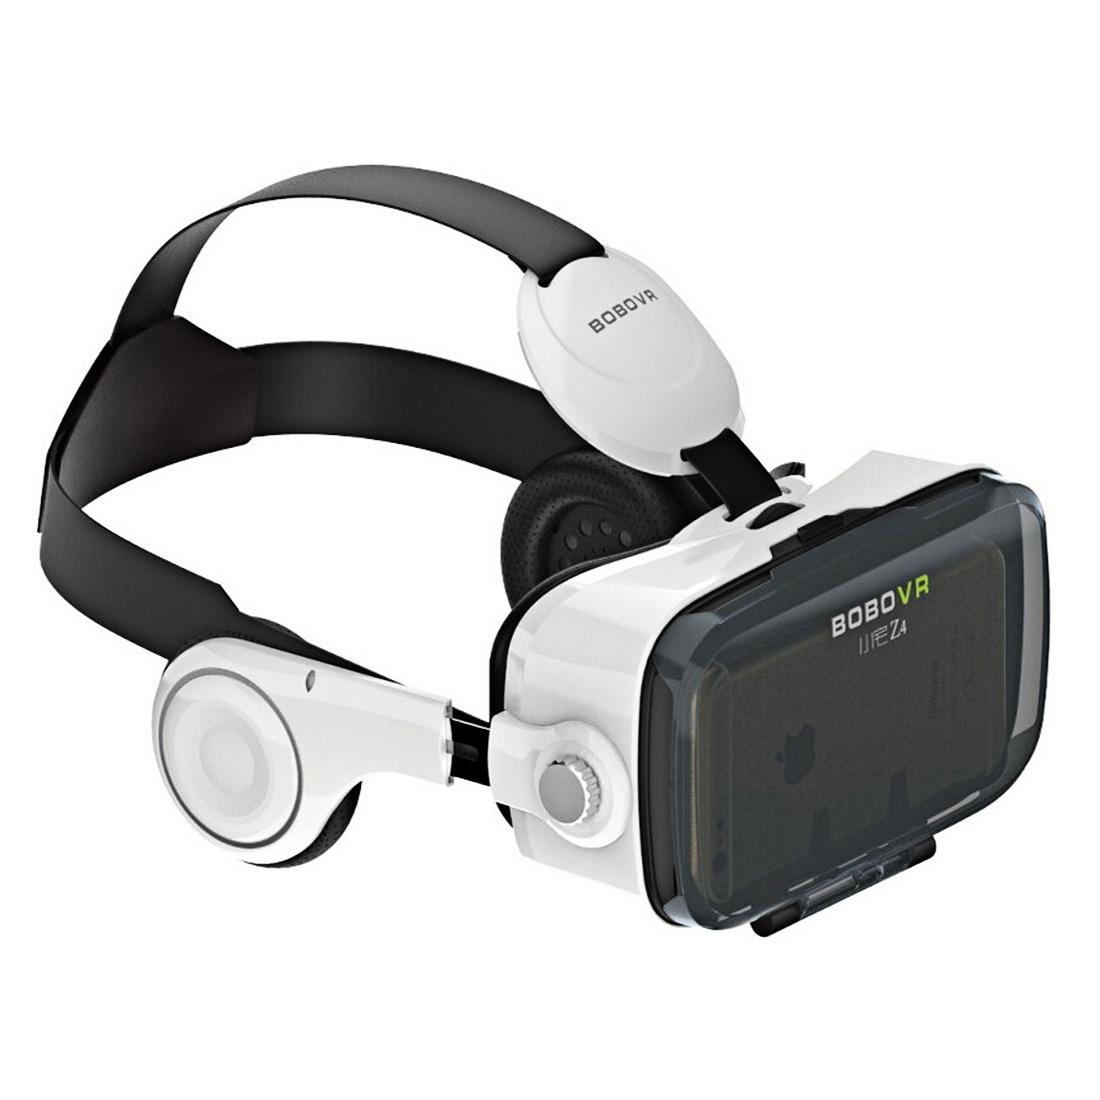 ถูก Xiaozhai BOBOVR Z4 3D VRแว่นตาความจริงเสมือนแว่นตาวิดีโอGoogleกระดาษแข็งชุดหูฟังสำหรับip hone A Ndroid 4.7-6นิ้ว